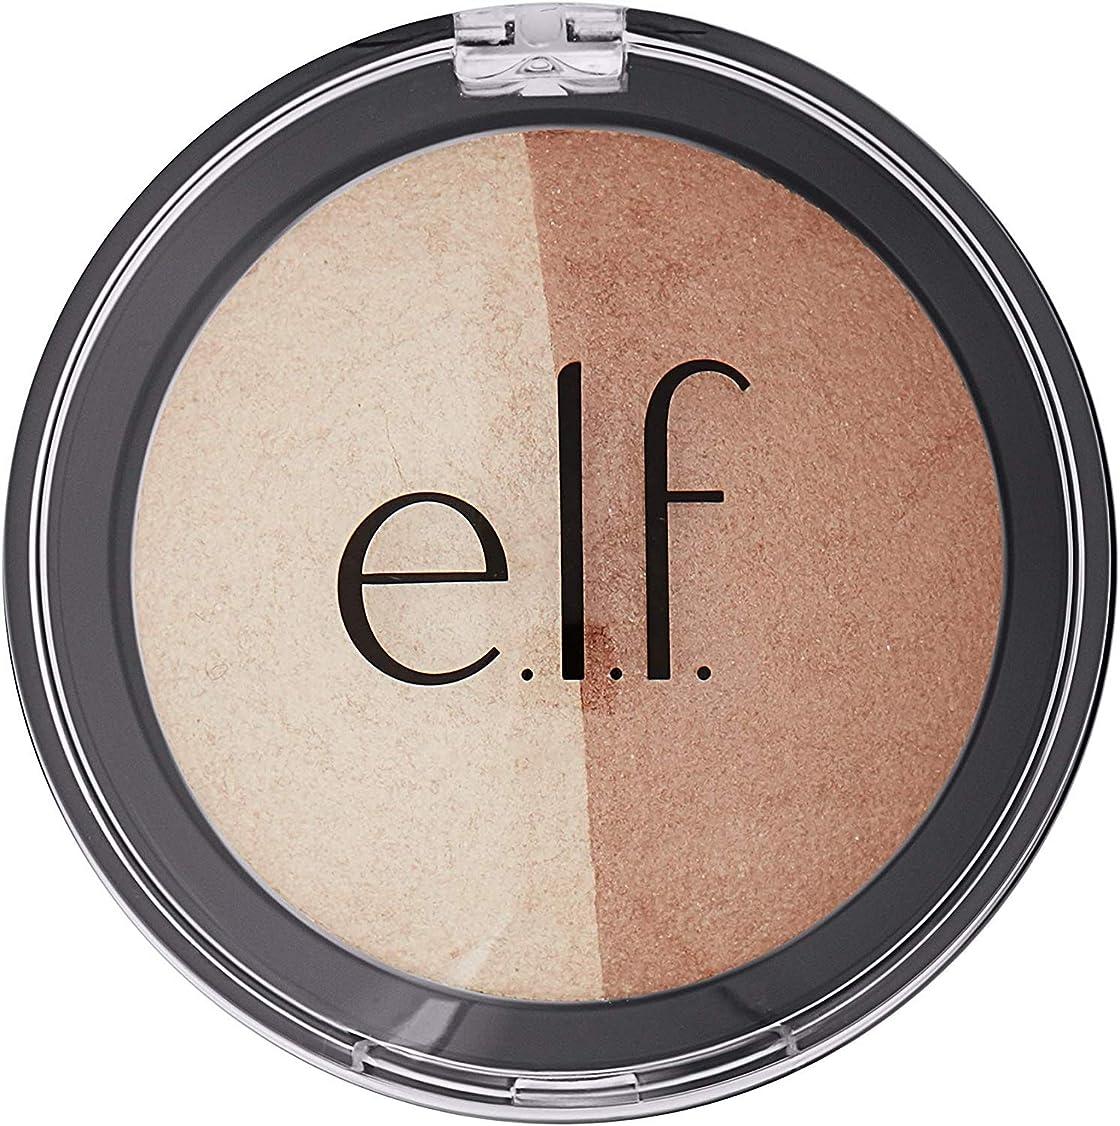 はっきりしないレジすべてE.L.F. Cosmetics, Baked Highlighter & Bronzer, Bronzed Glow, 0.183 oz (5.2 g) -4 Packs